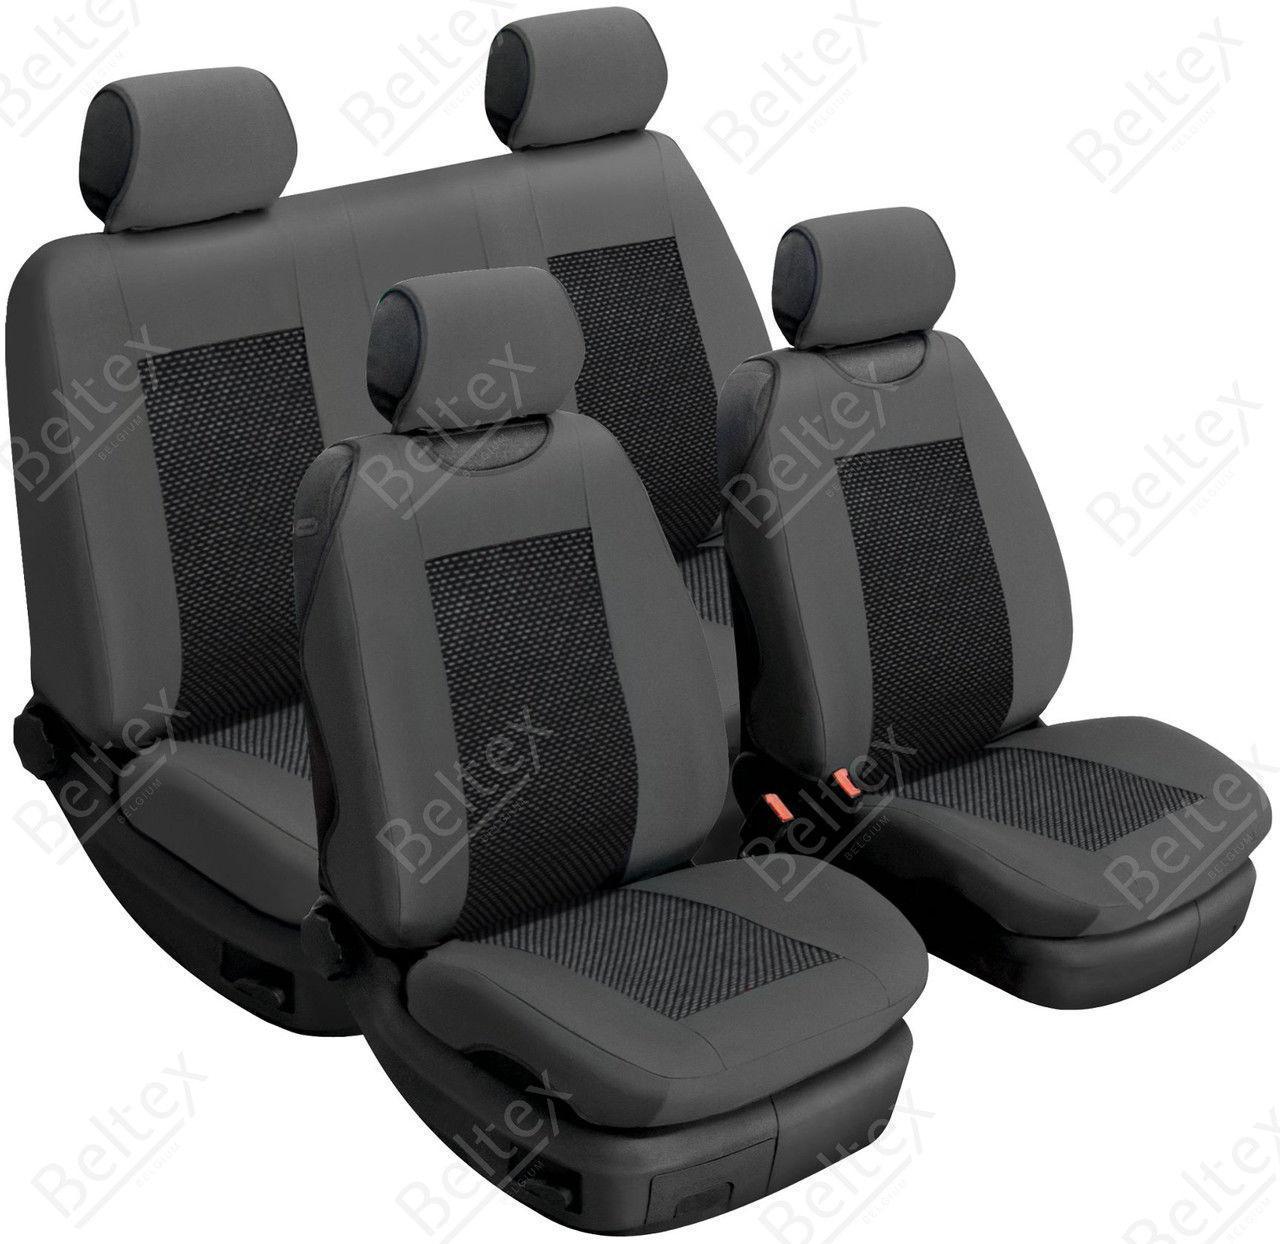 Майки/чехлы на сиденья Вольво В40 Кросс (Volvo V40 Cross)